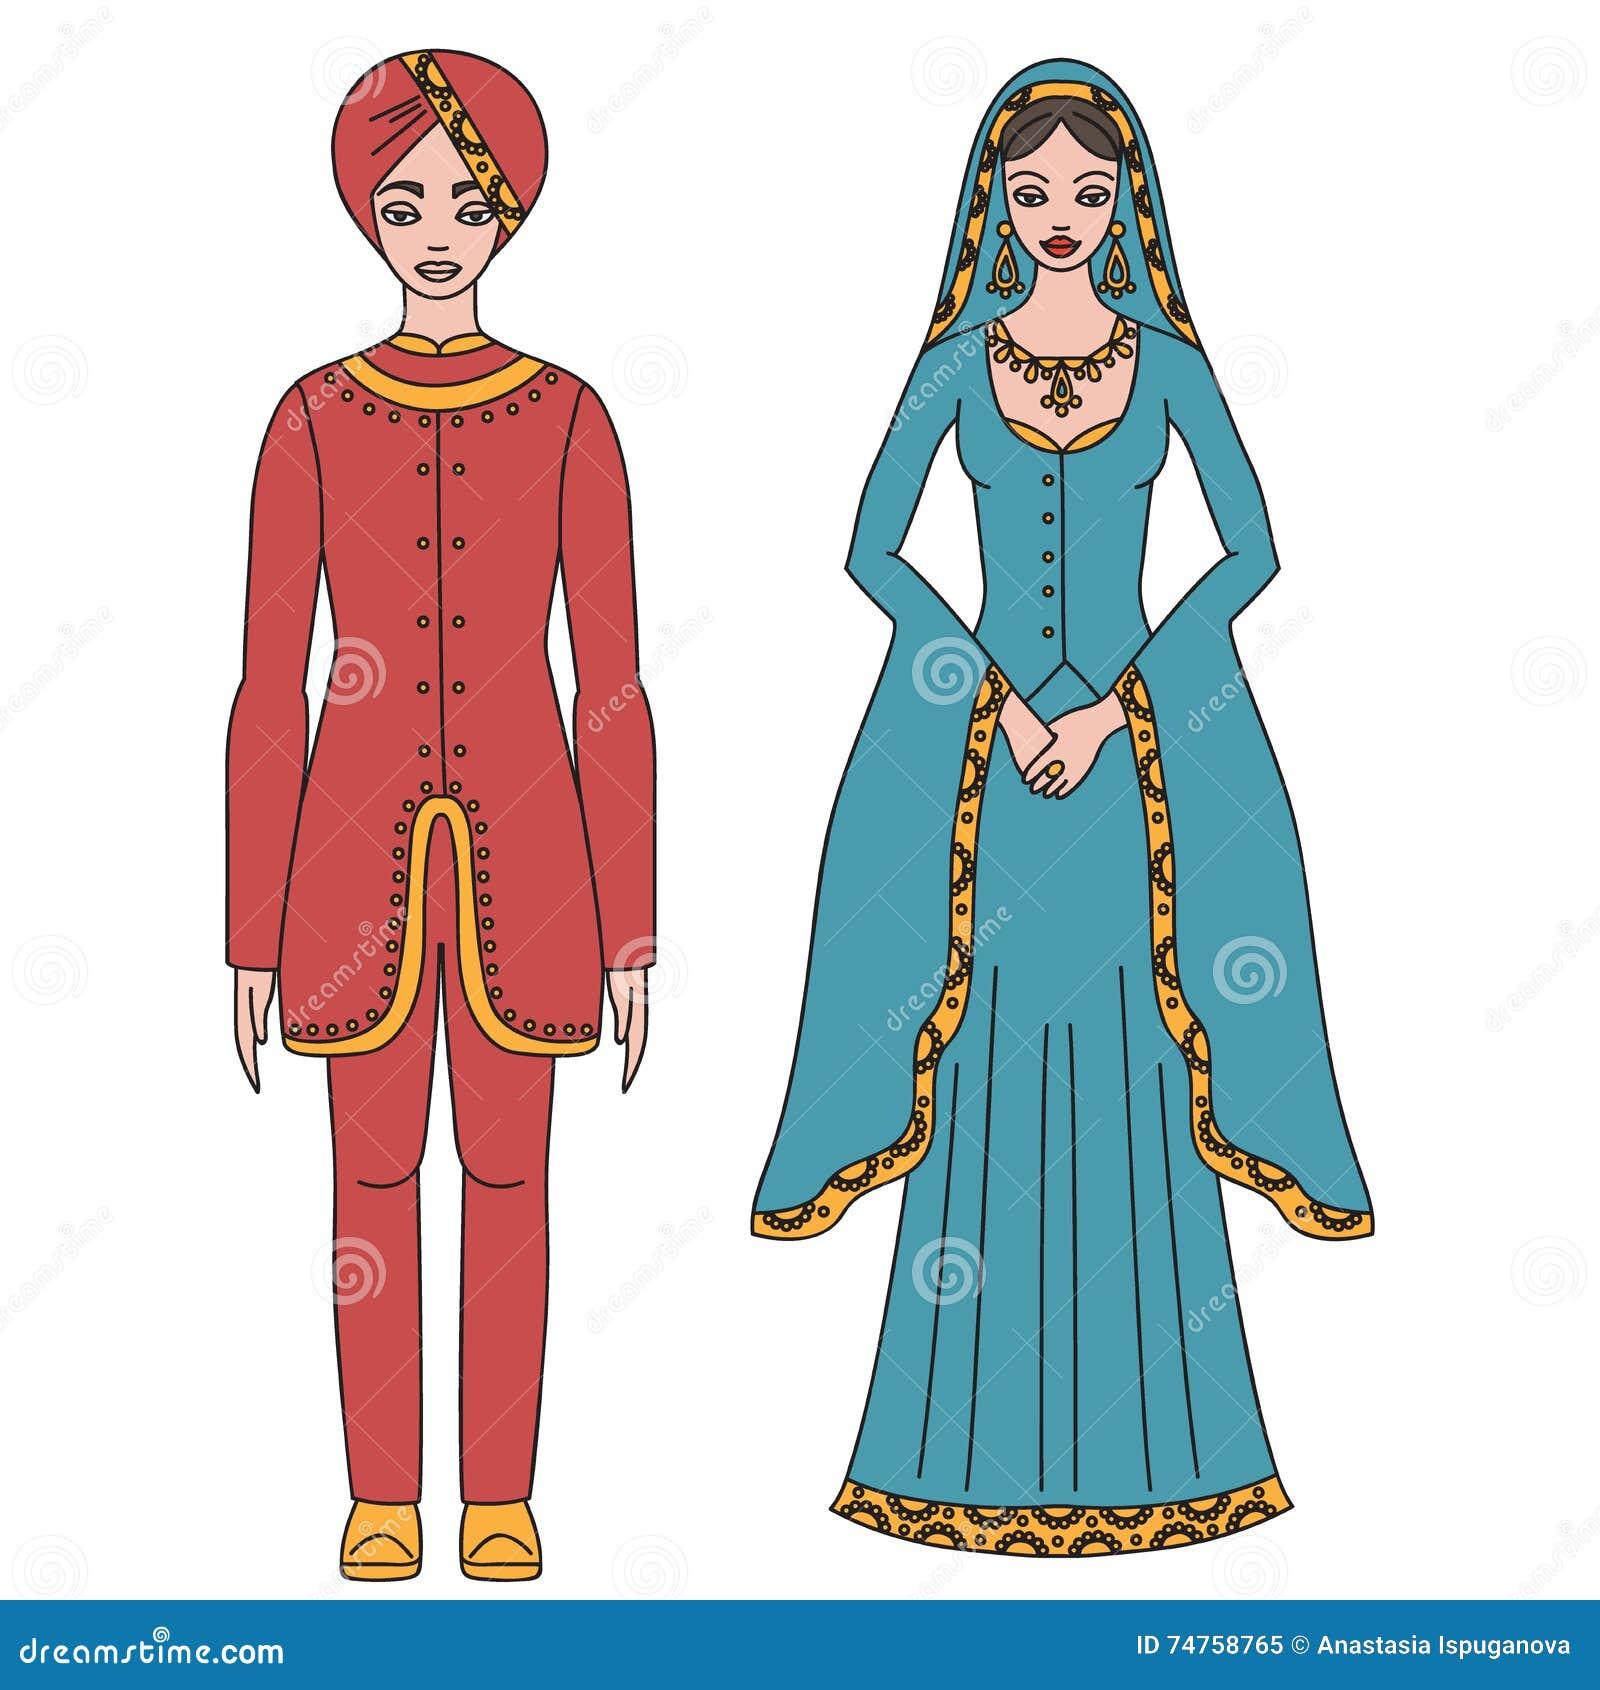 La ropa turca tradicional, el paño nacional de Oriente Medio, el hombre y el traje aislado, turco del sultán de la mujer se viste